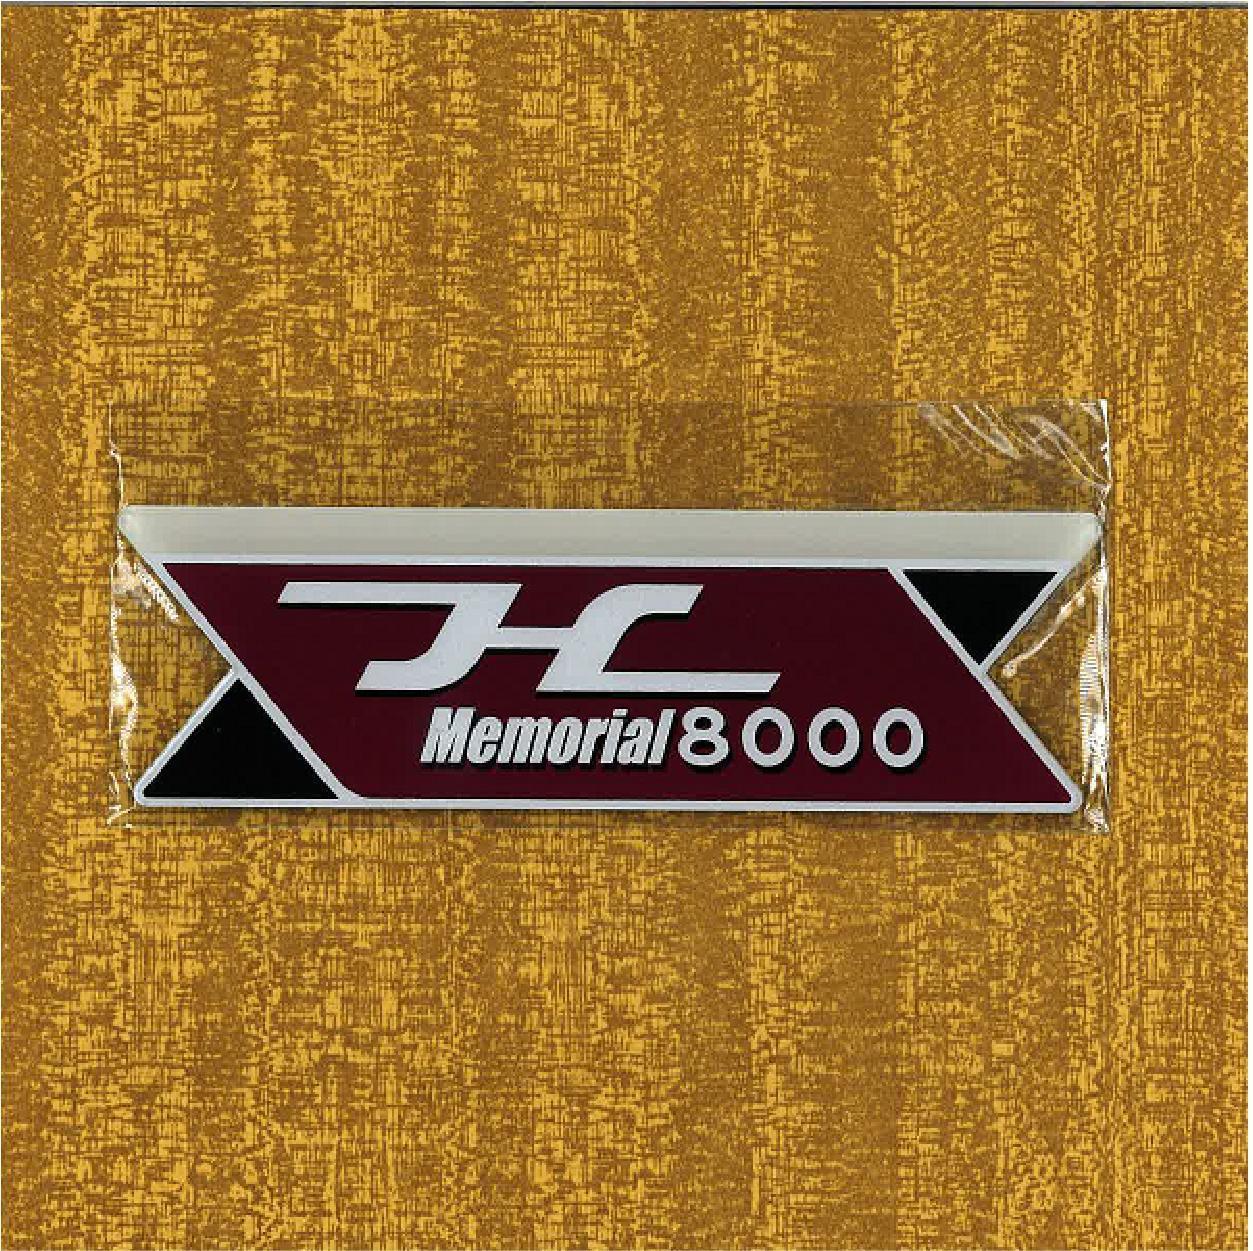 Memorial8000車内掲出プレート